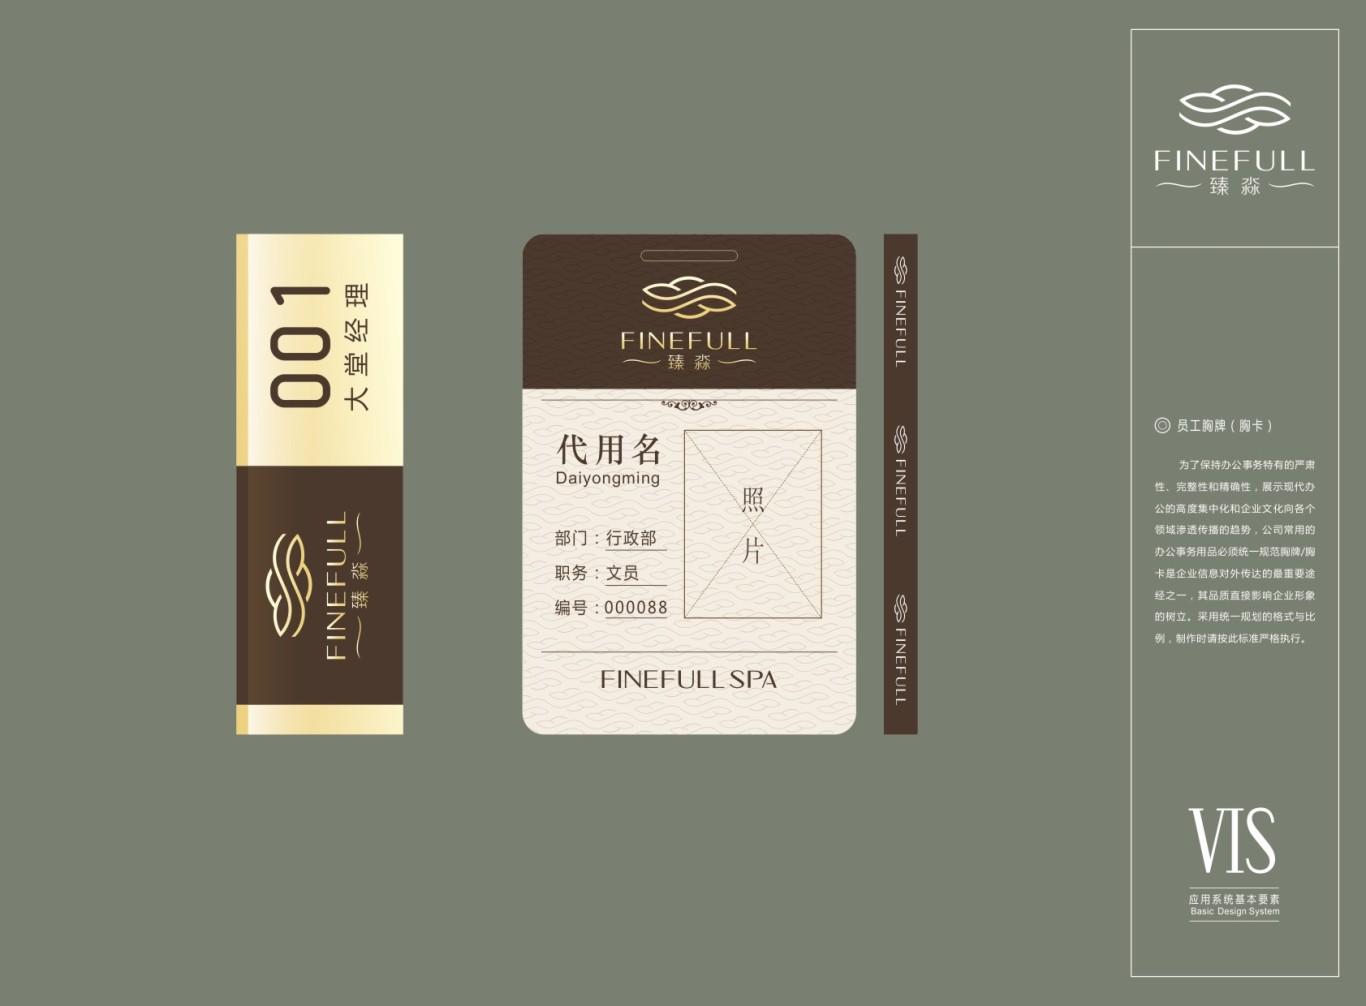 北京五星级FINEFULL-SPA水疗中心标志及VI设计图25